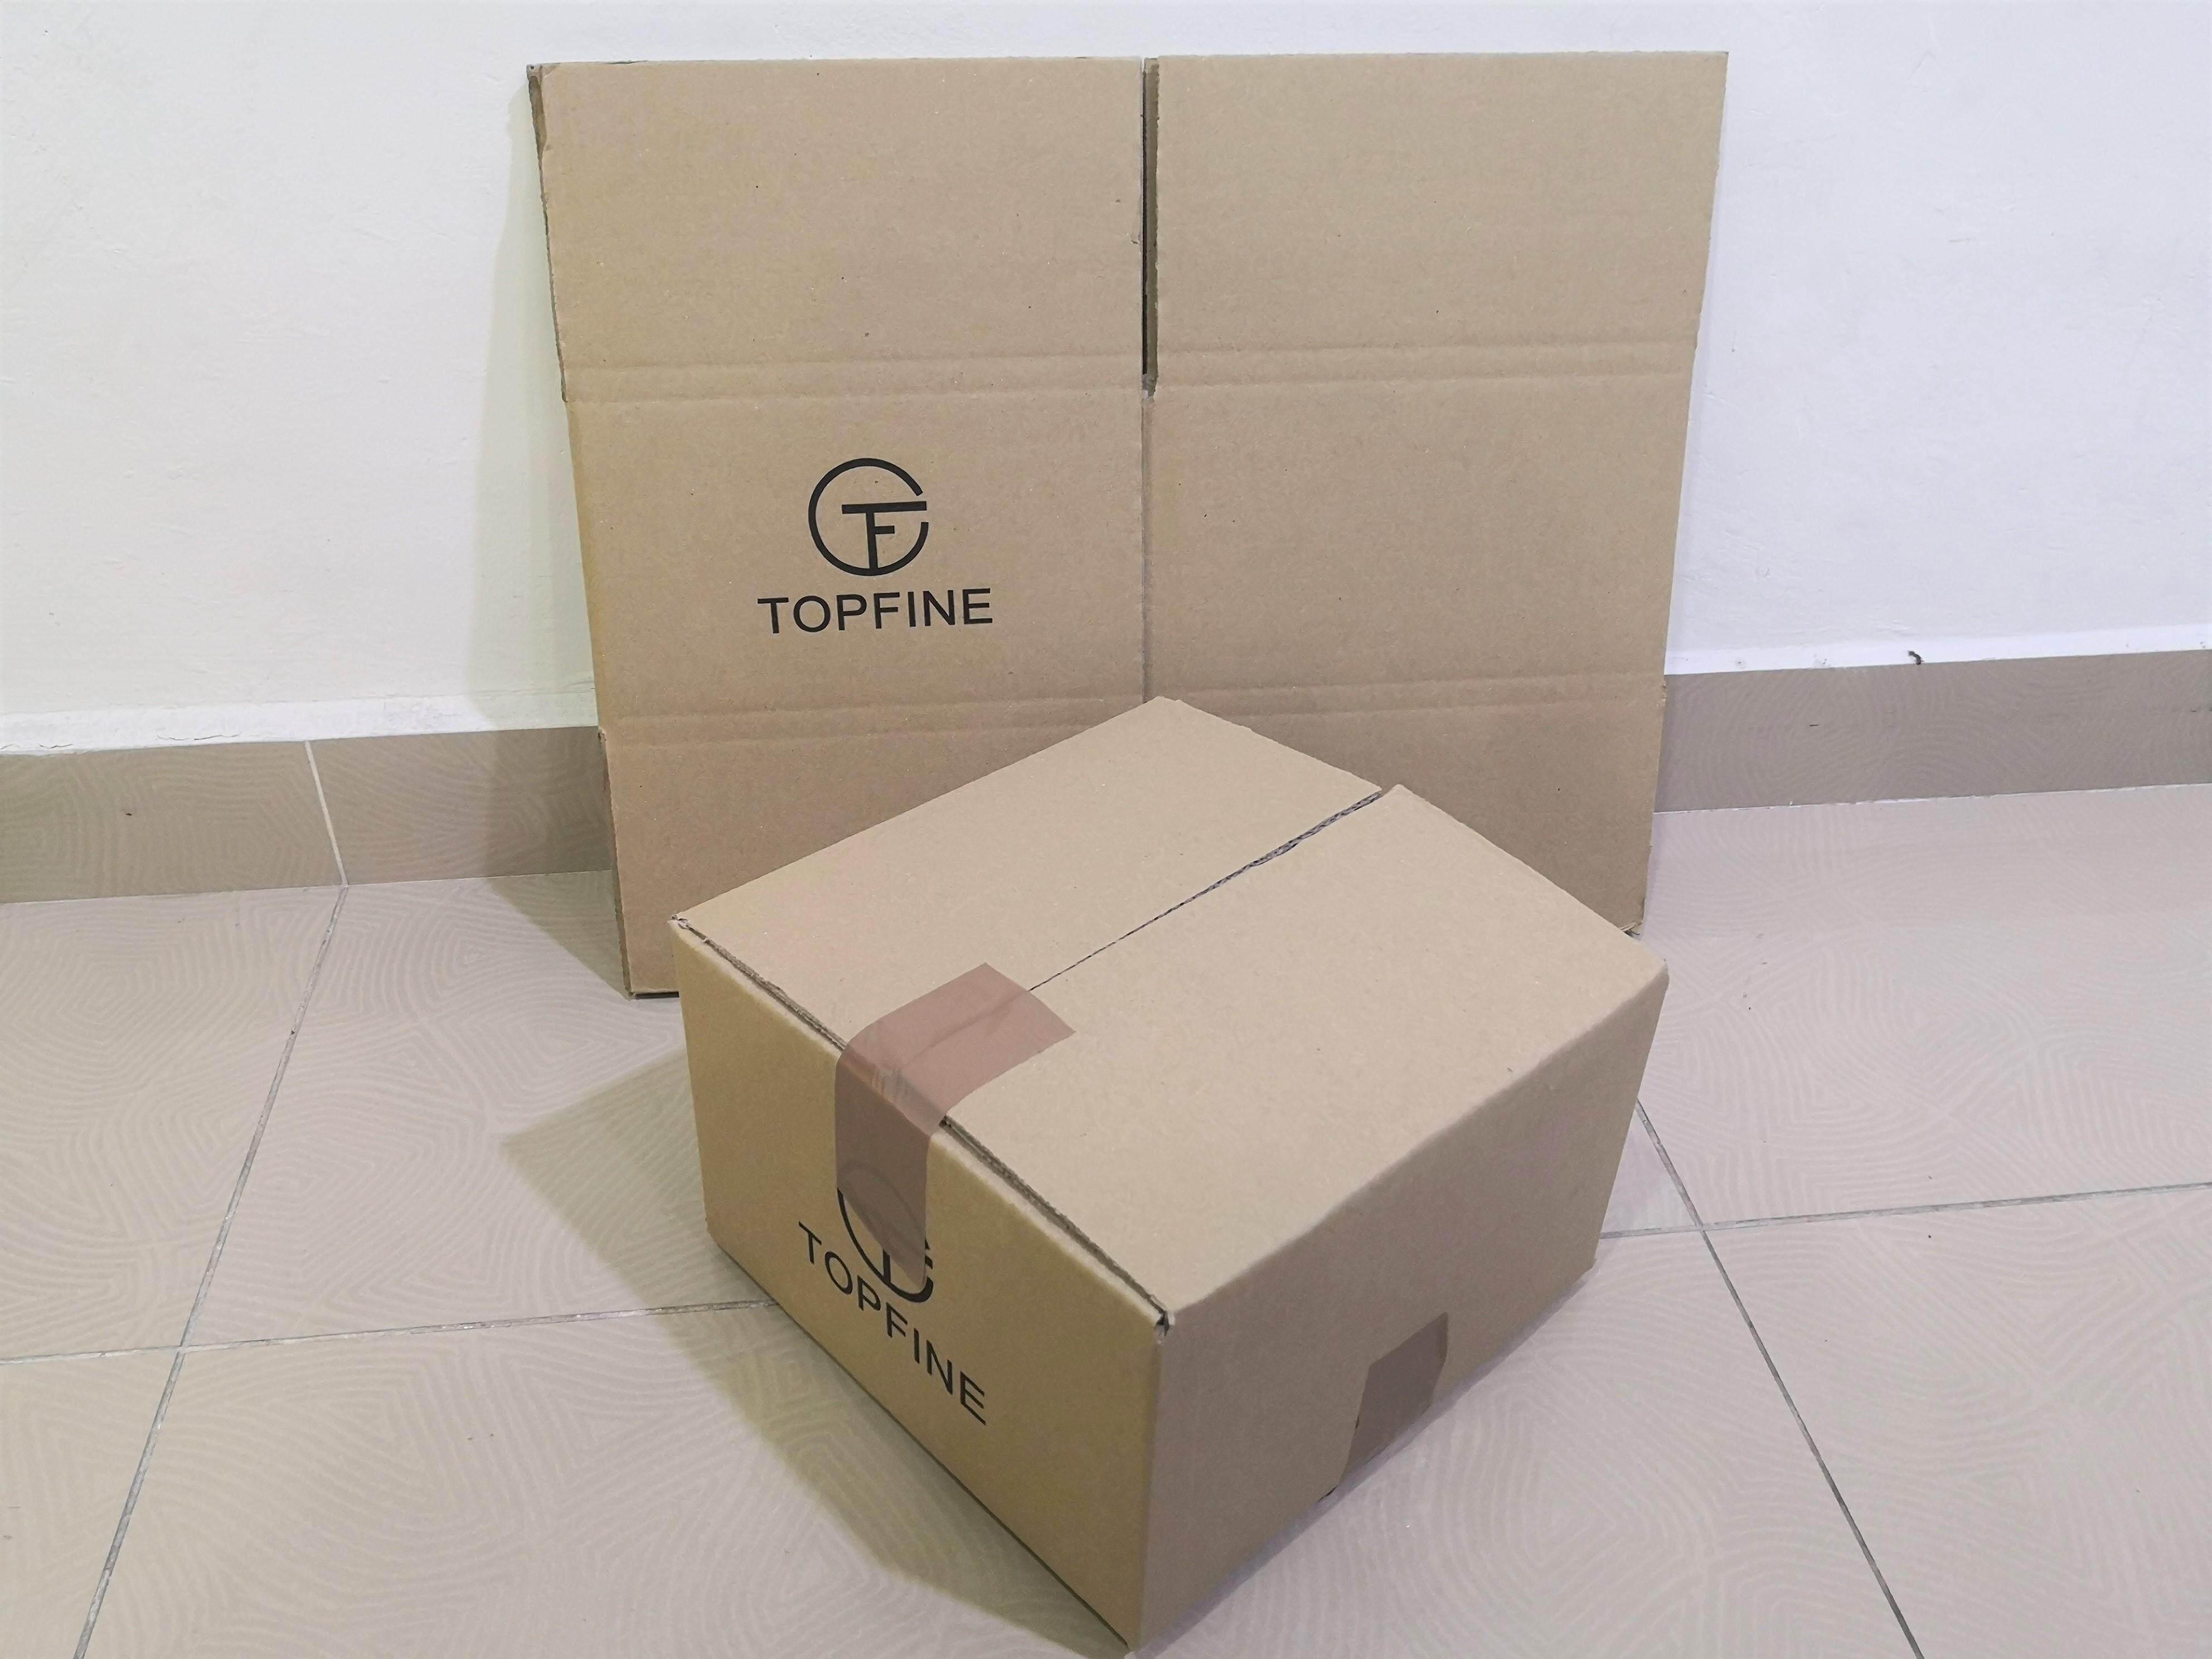 5pcs Printed Carton Boxes (L248 x W248 x H152mm)